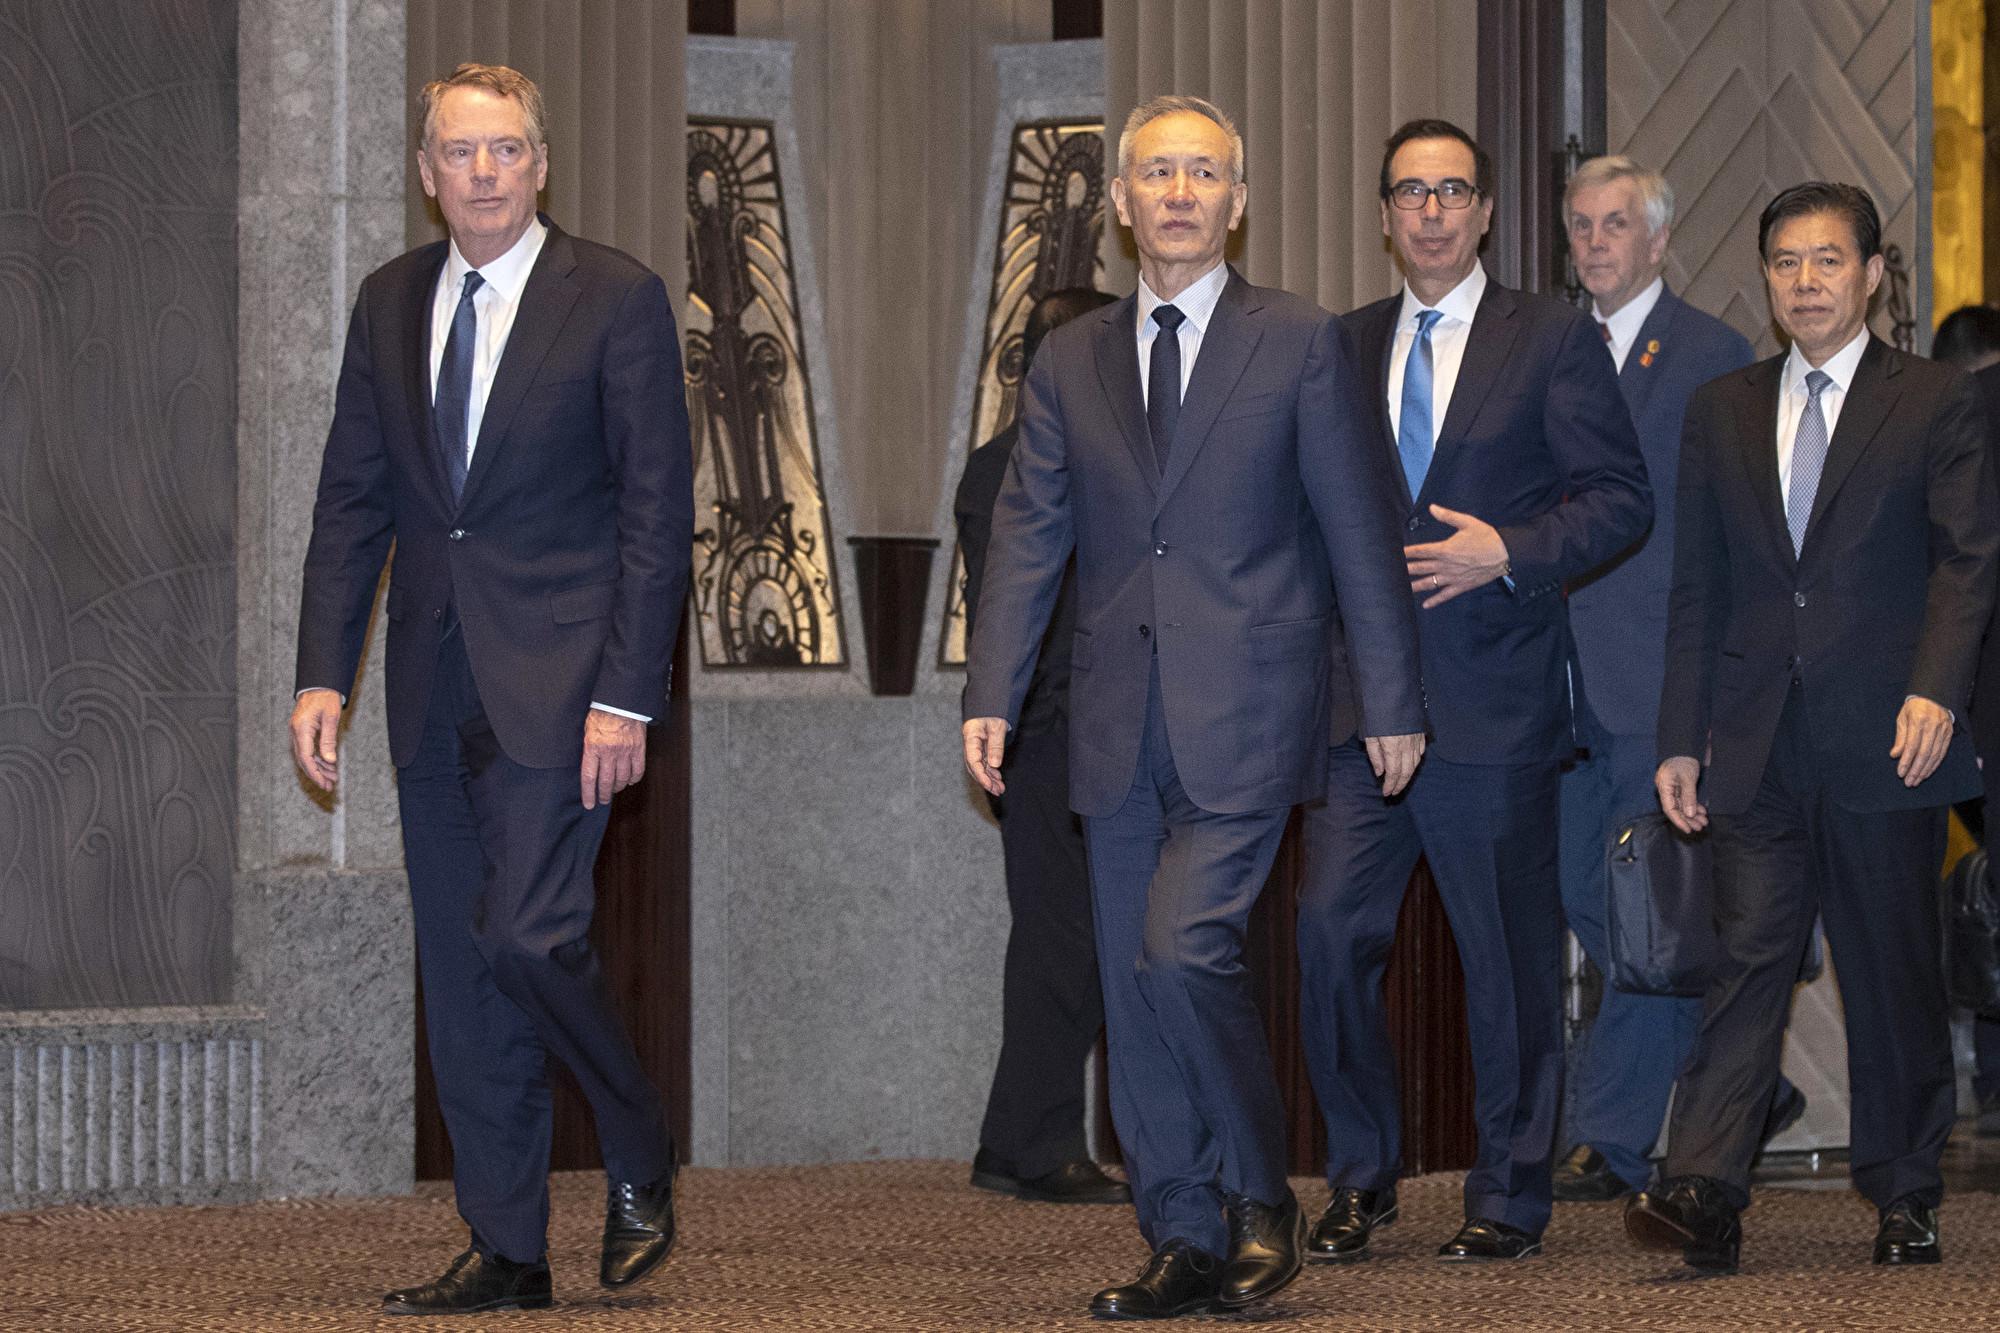 【新聞看點】深感危機?貿易戰北京突然放軟